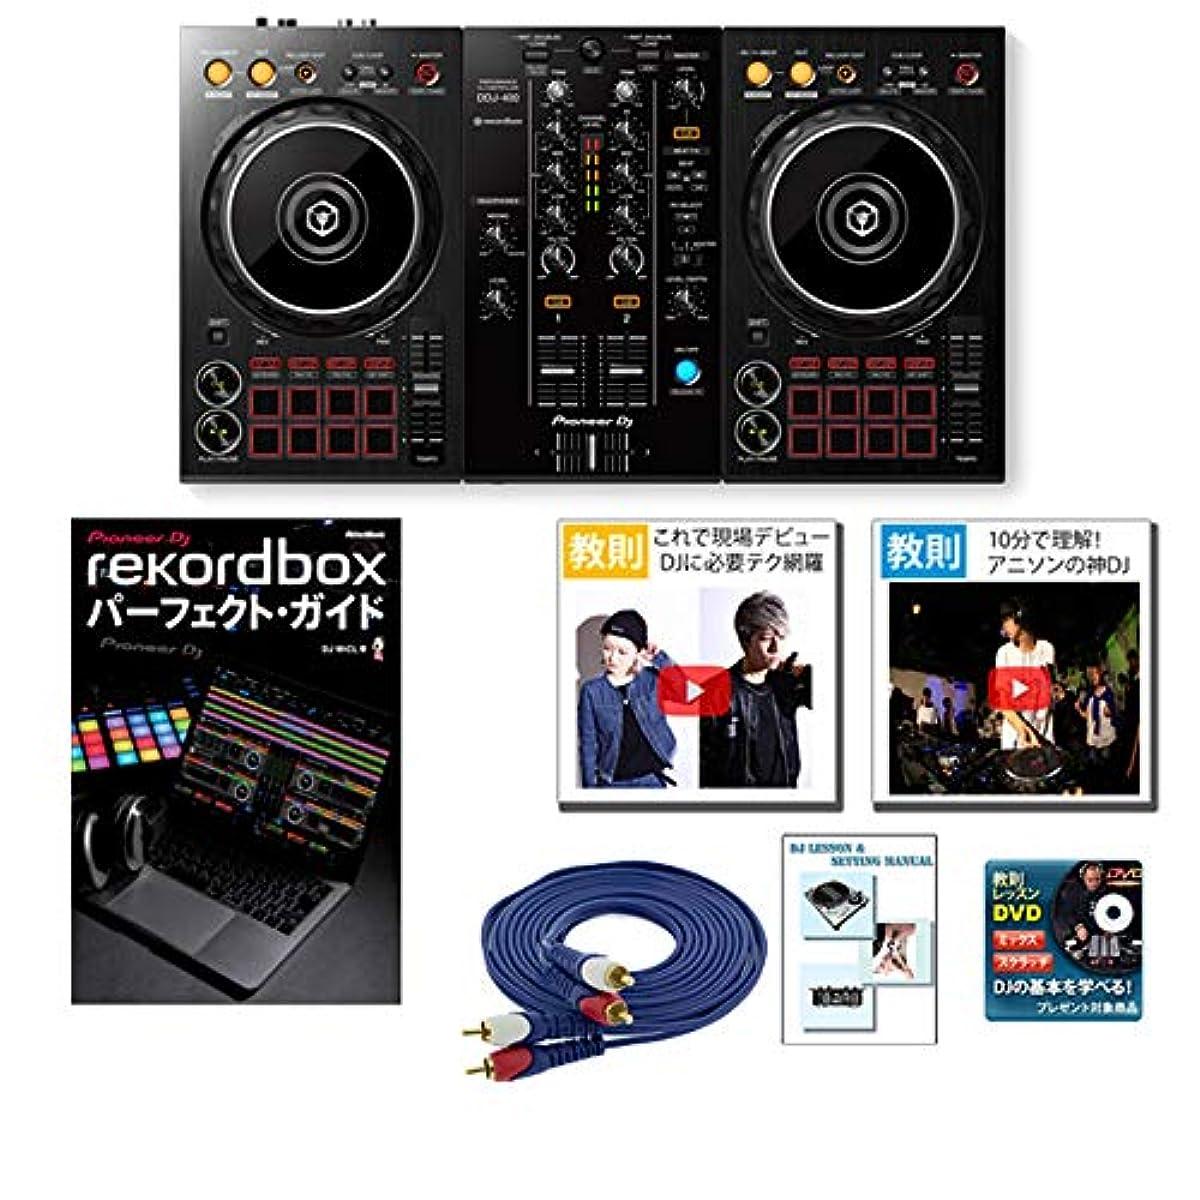 [해외] PIONEER DJ 파이오니아/DDJ-400 DJ콘트롤러 (교칙 무비,REKORDBOX퍼팩트 가이드 부착 초심자 안심 세트)